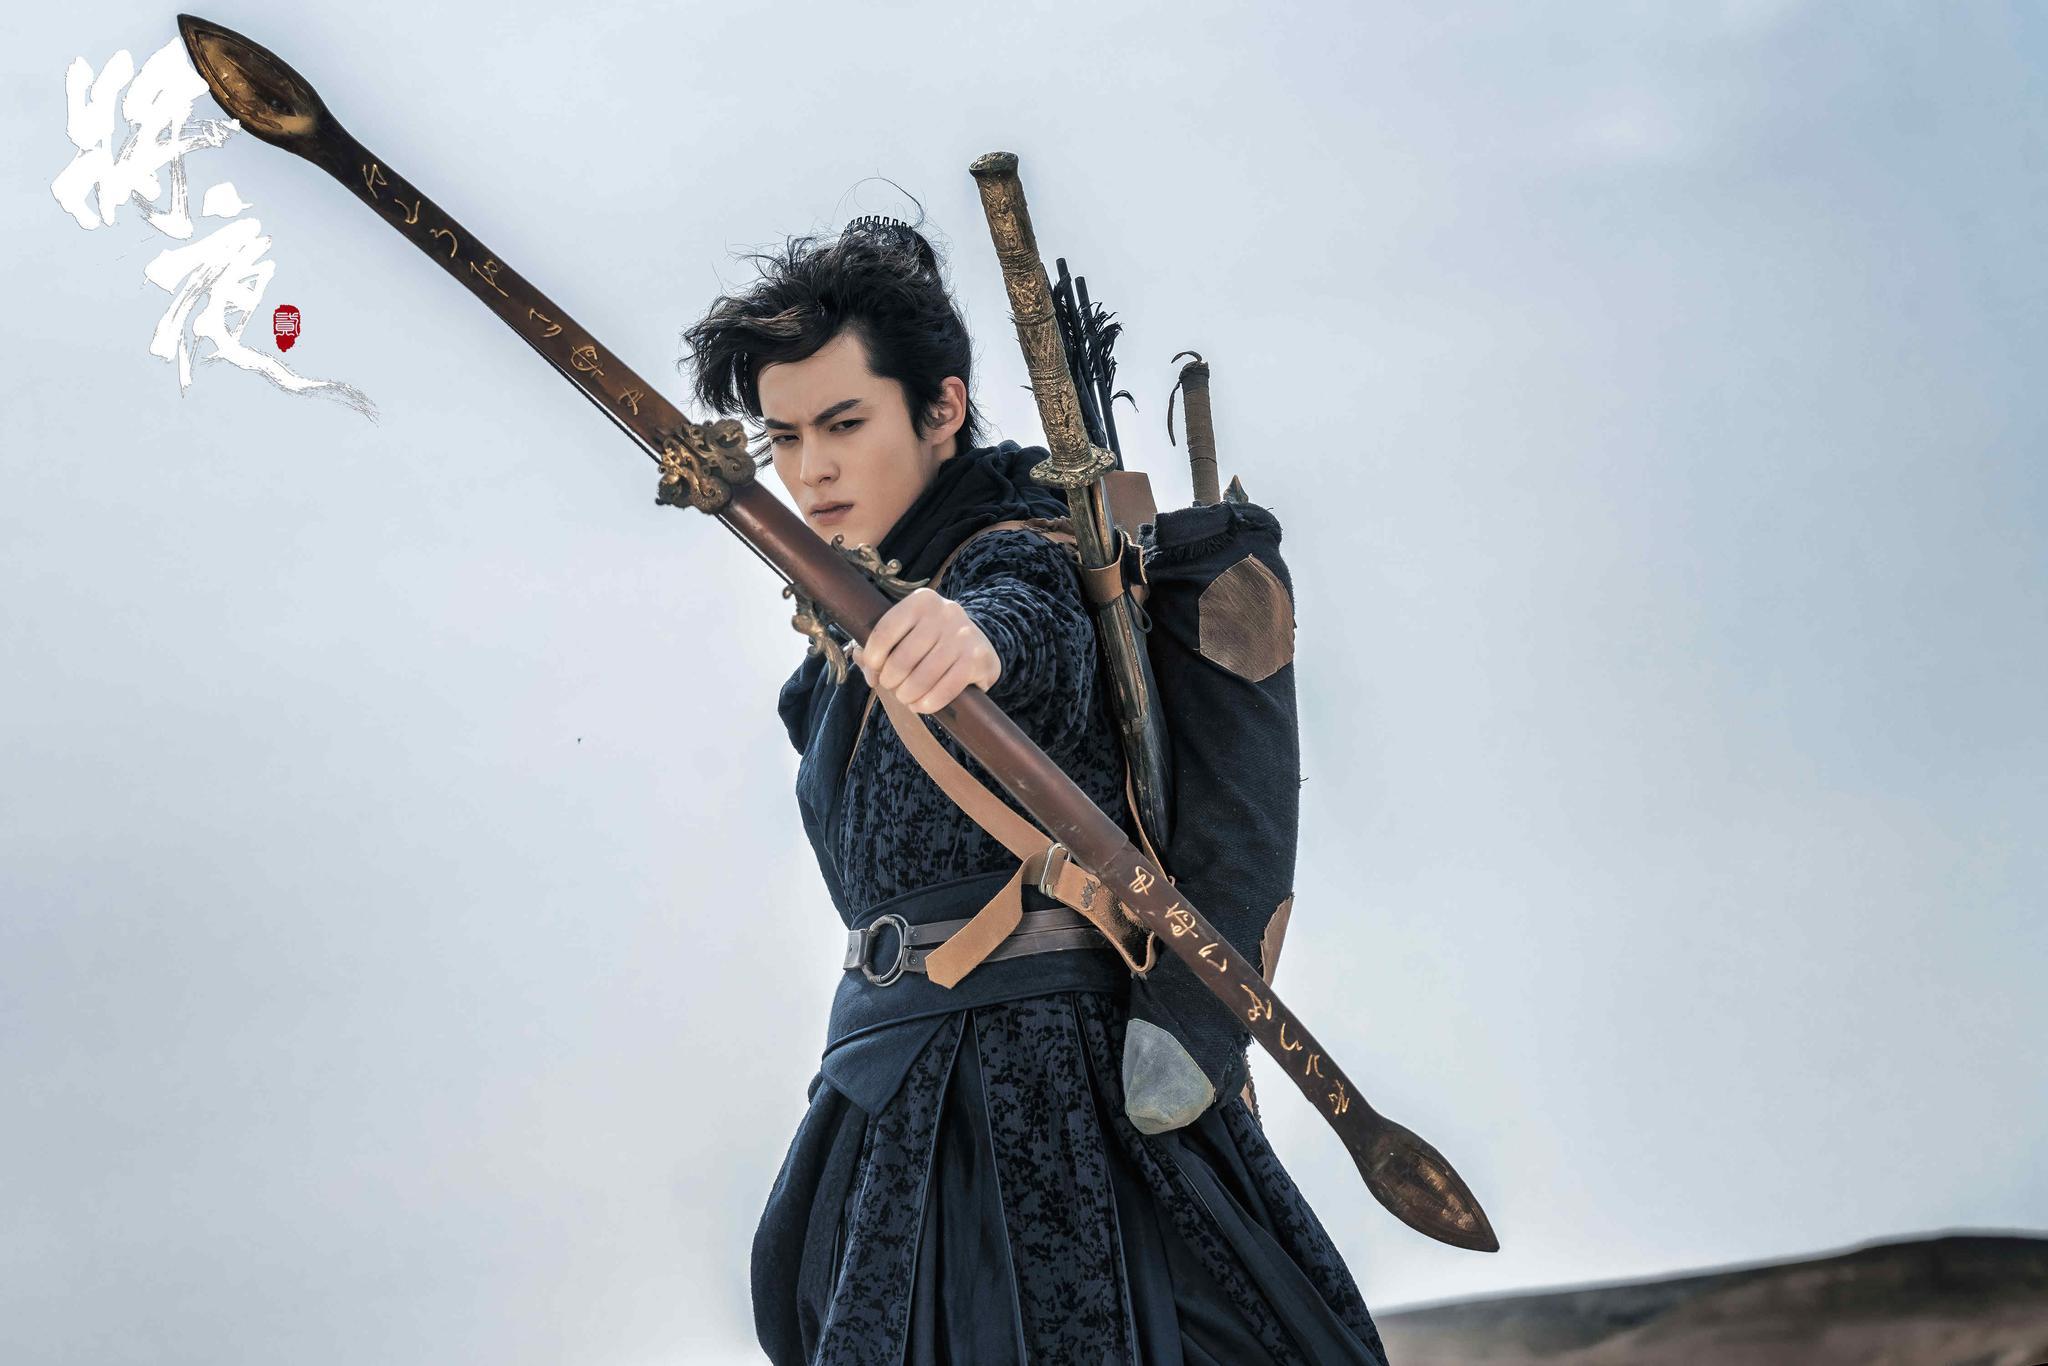 《将夜2》定档1月13日燃情上线,王鹤棣热血演绎少年侠气